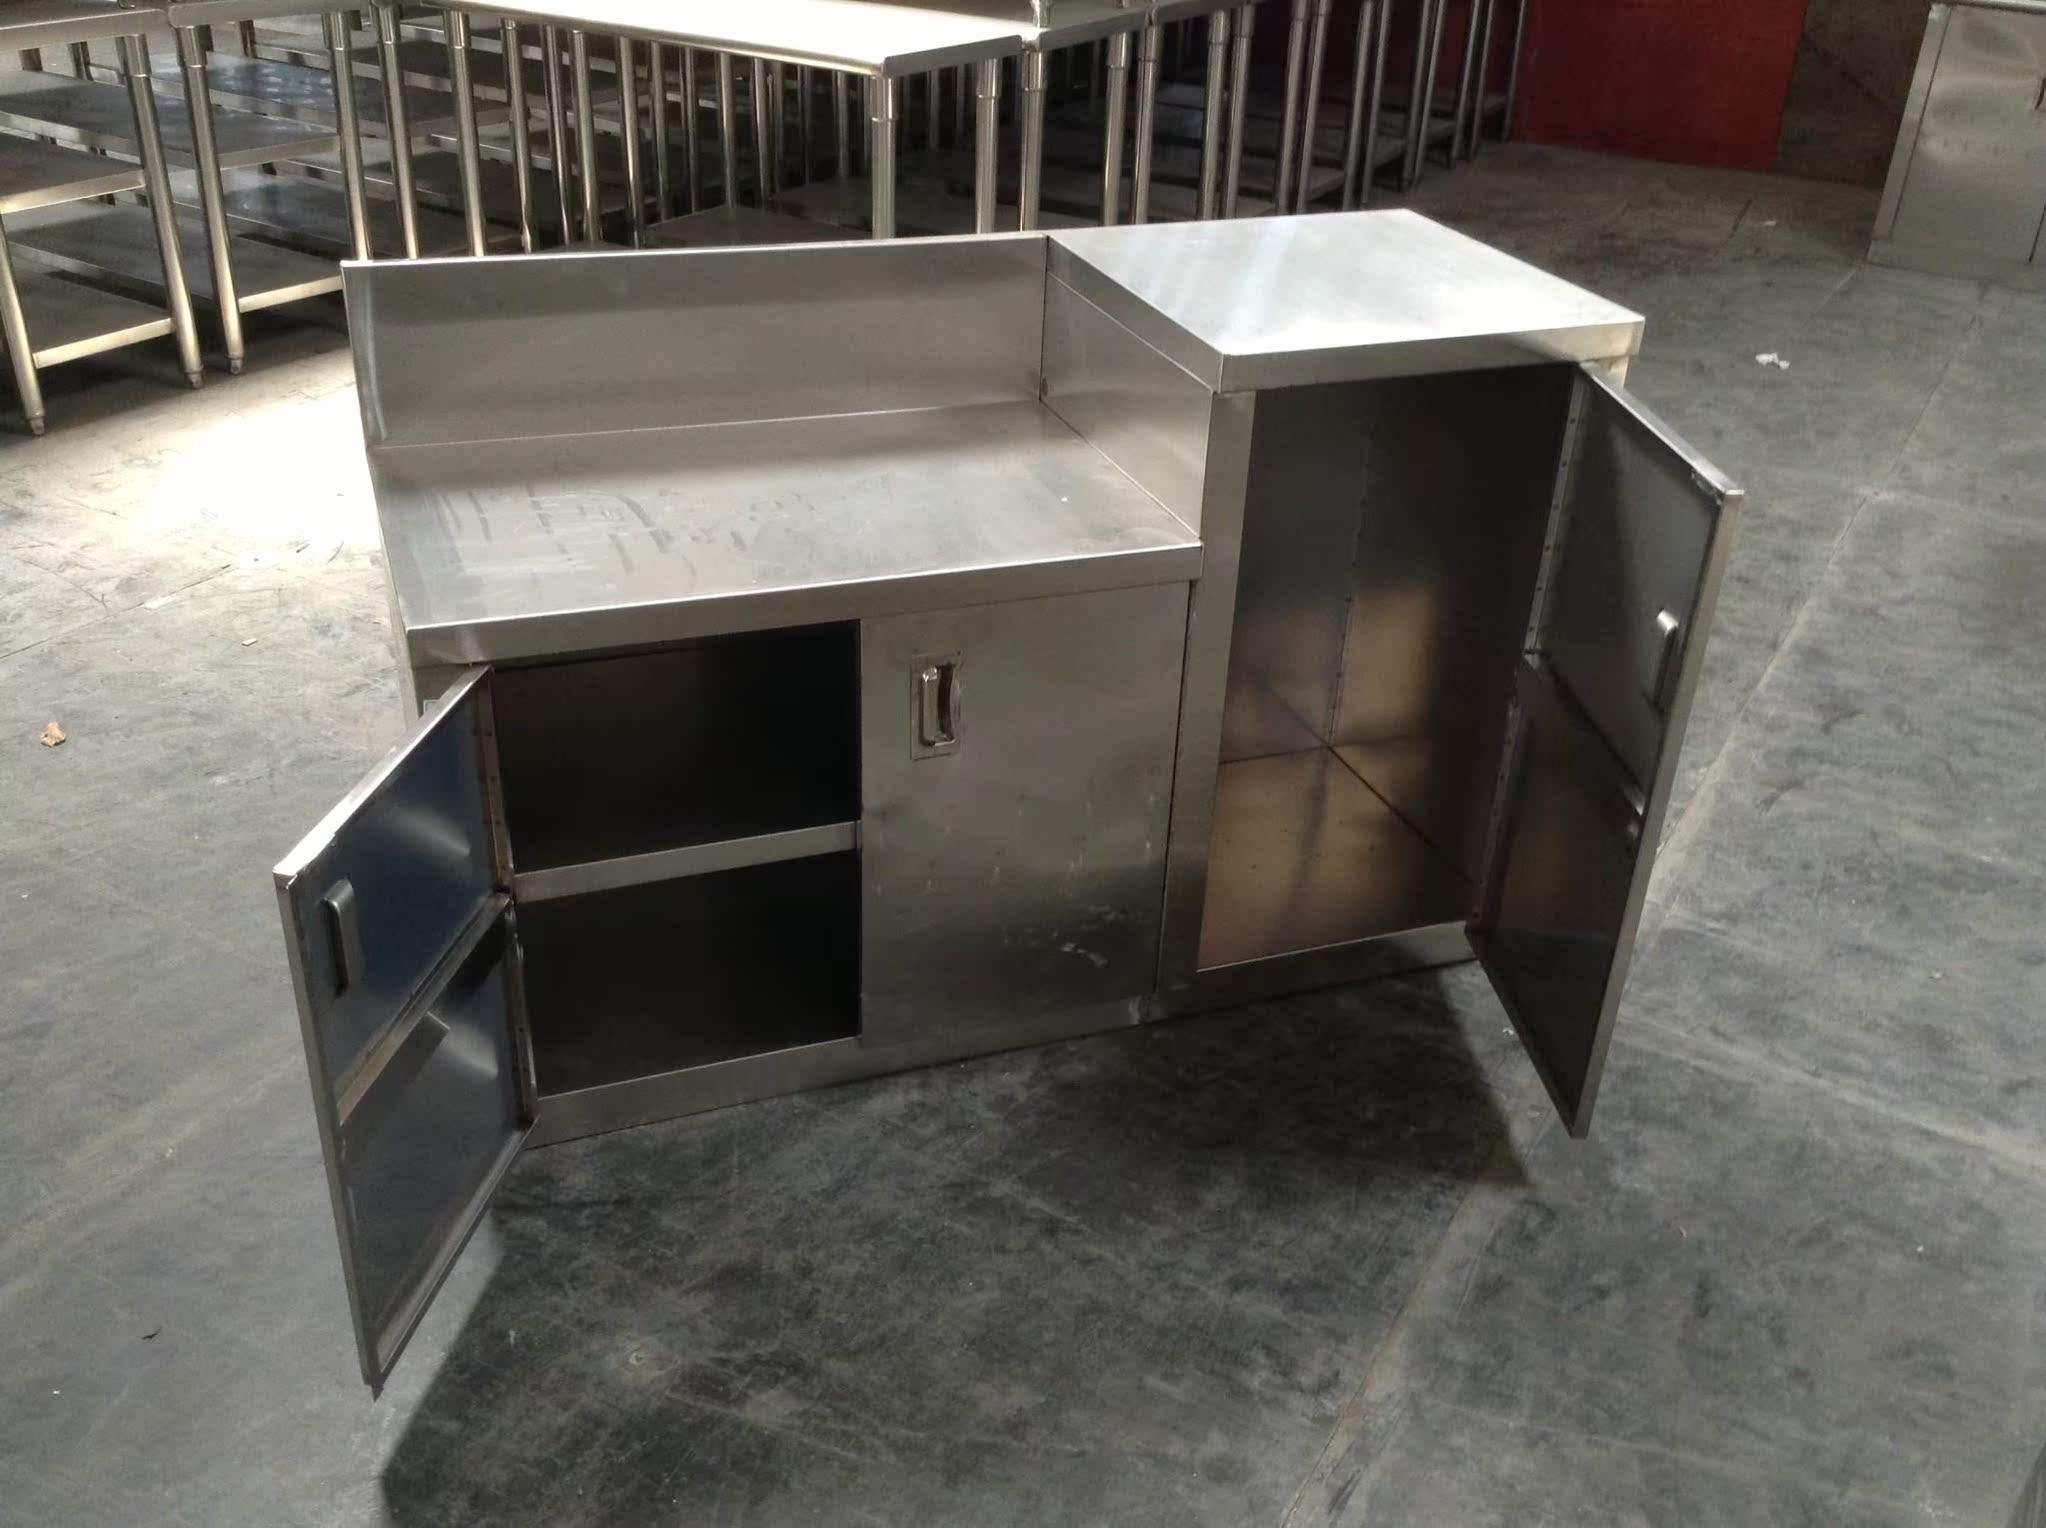 厂家煤气灶柜不锈钢橱柜不锈钢厨柜阳台柜灶台柜子餐边柜简易橱柜图片